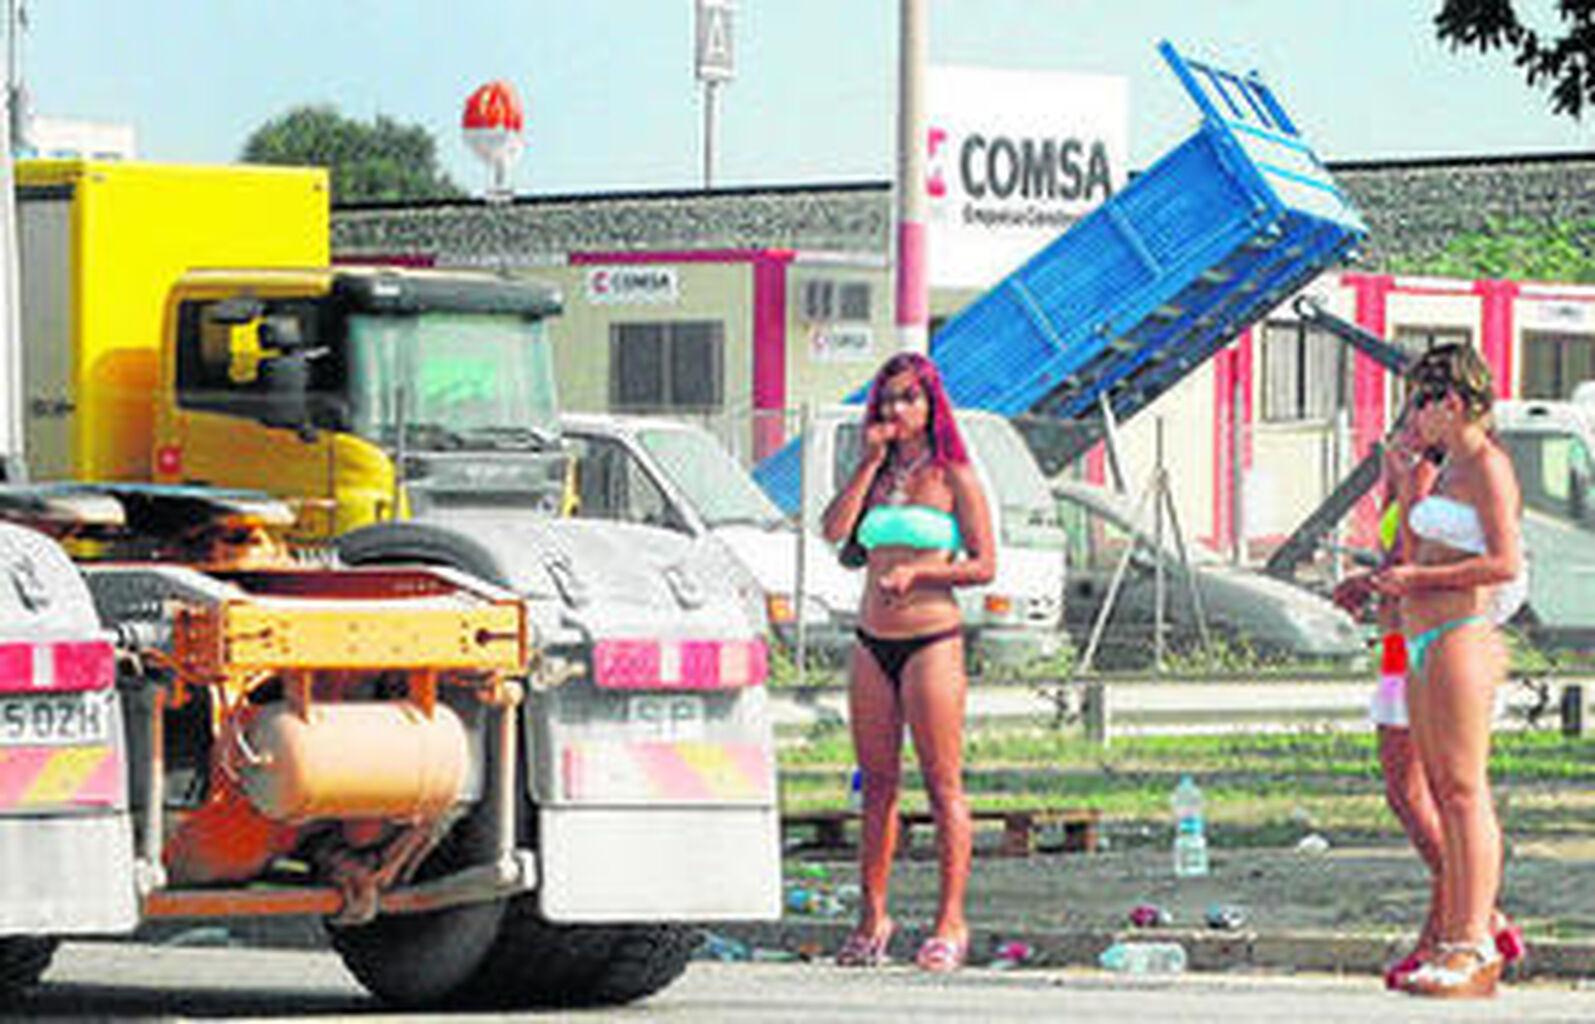 prostitutas poligono guadalhorce prostitutas de granada